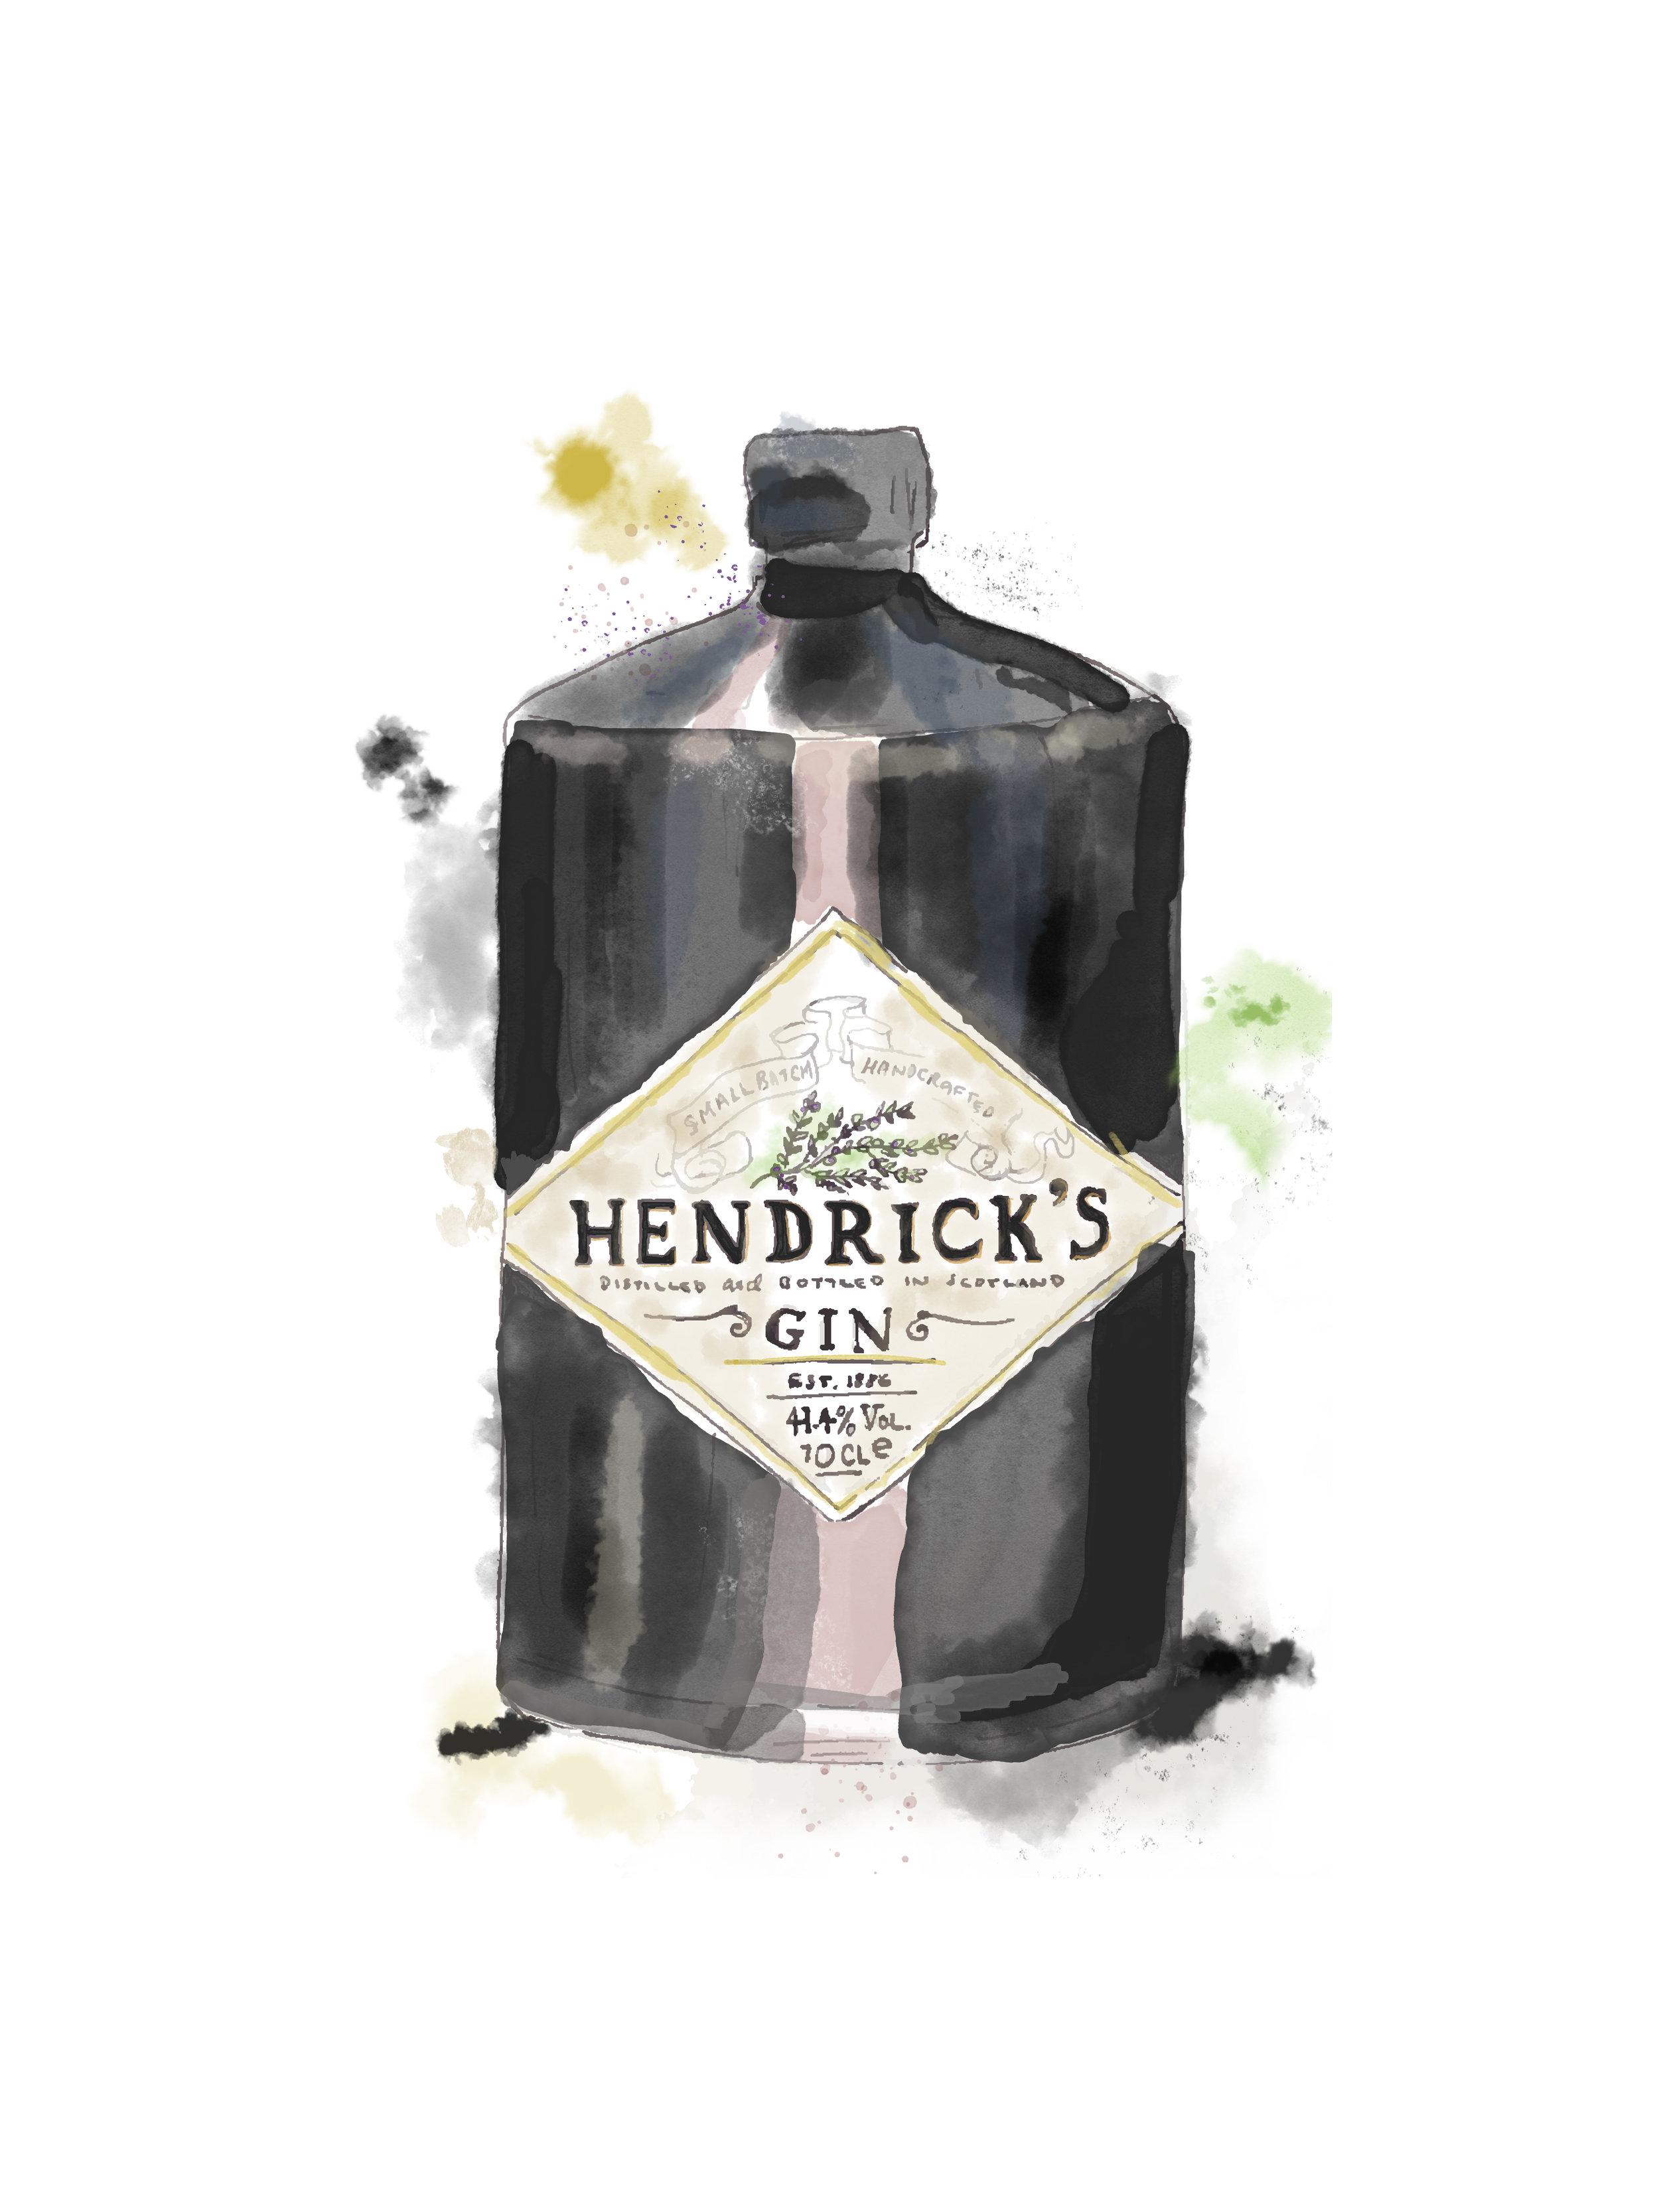 HendricksIllustration2.jpg